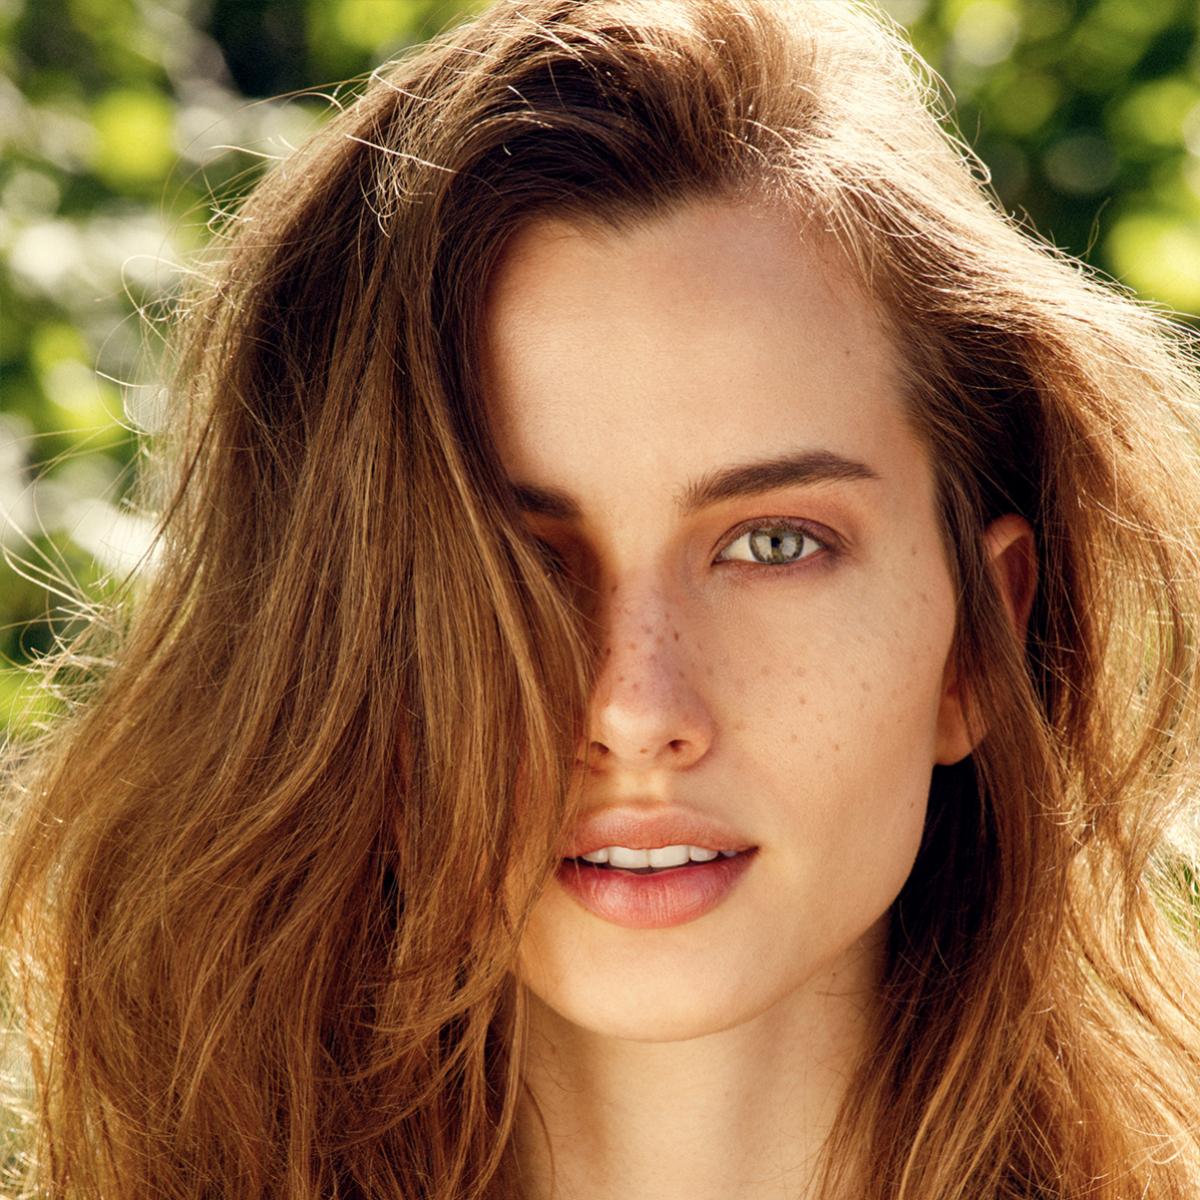 Tenemos que cuidar nuestra piel para conservar su luminosidad y elasticidad